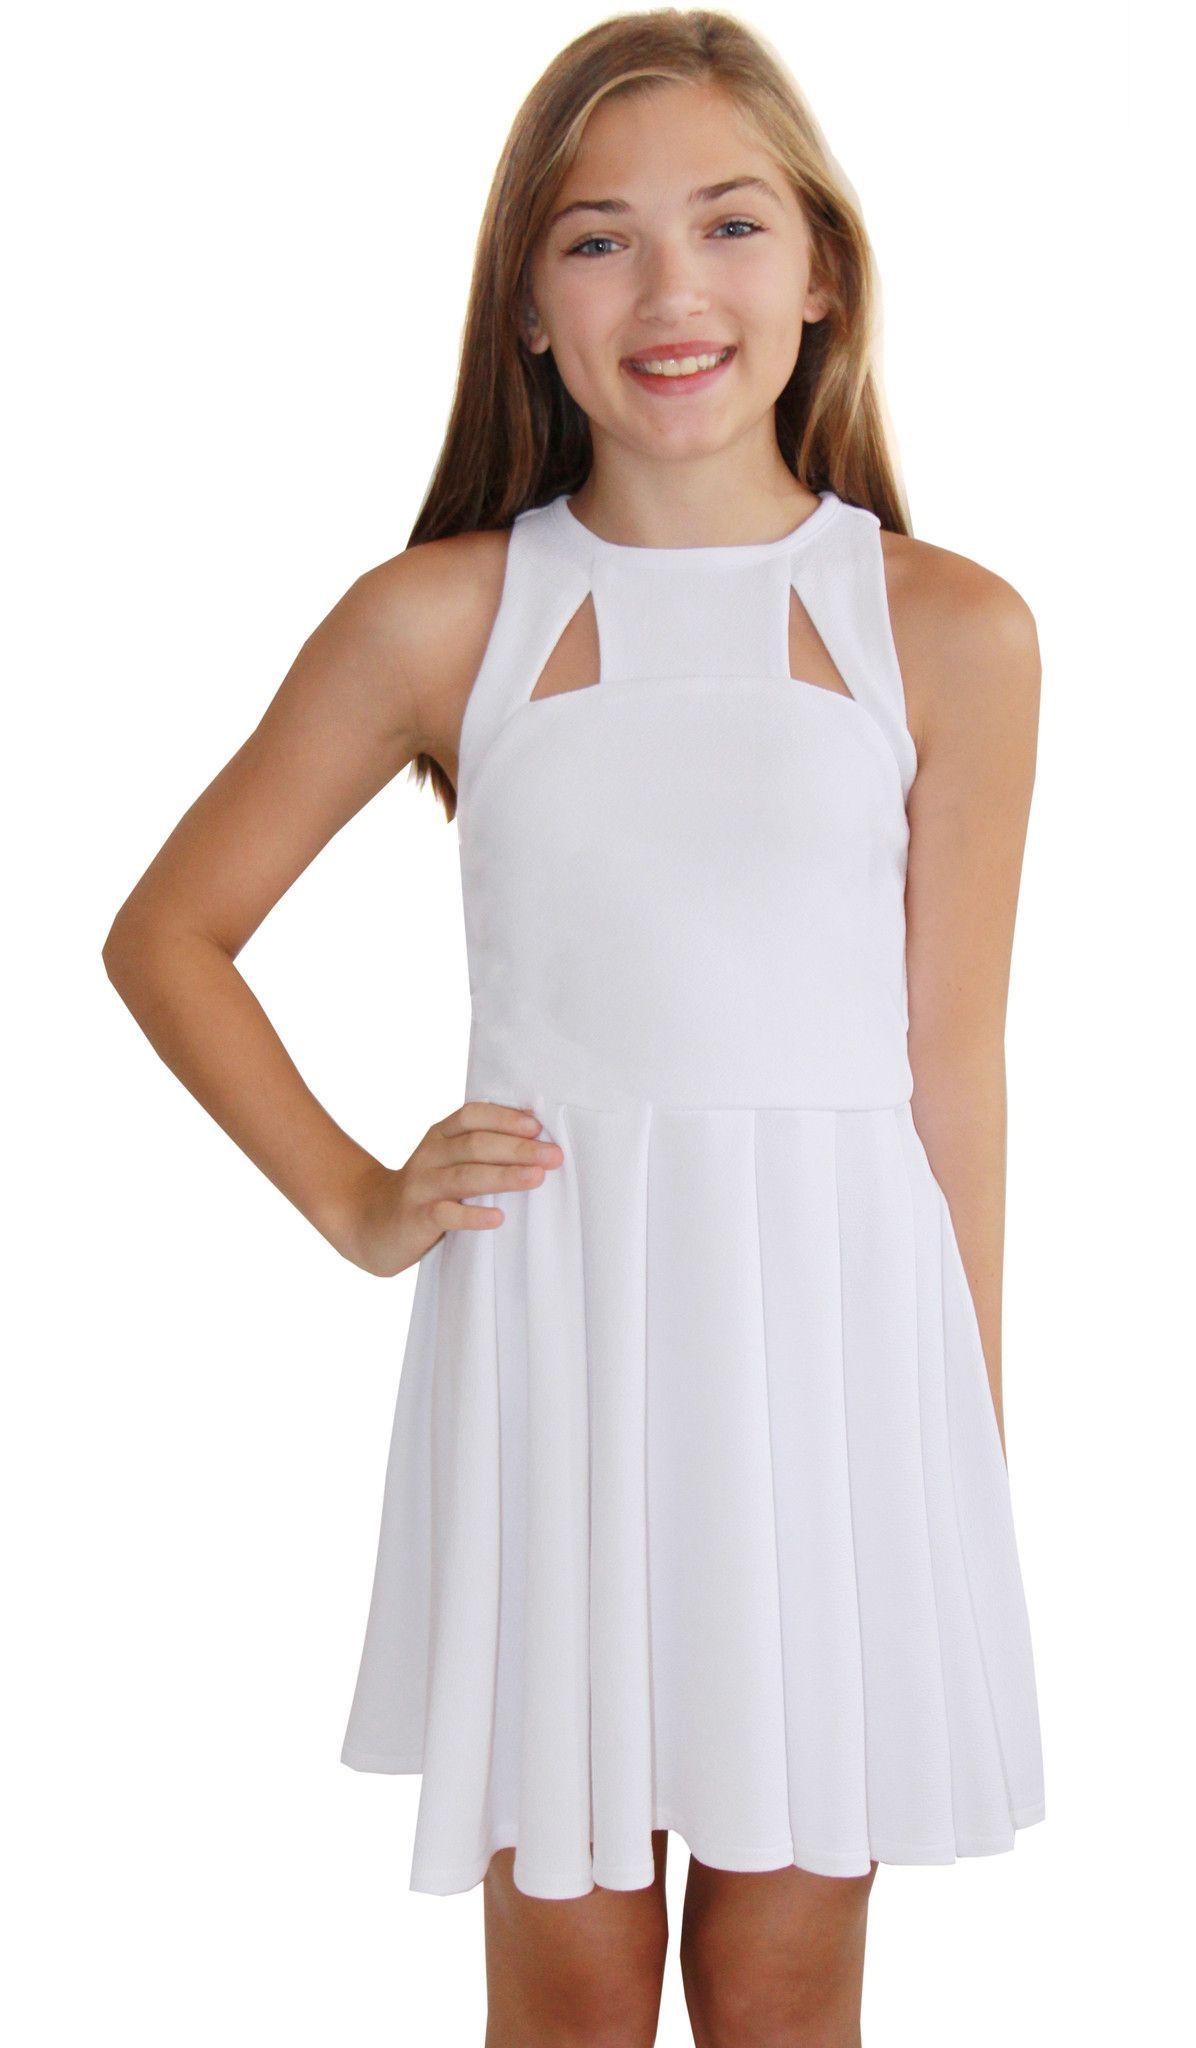 The Summer Dress White